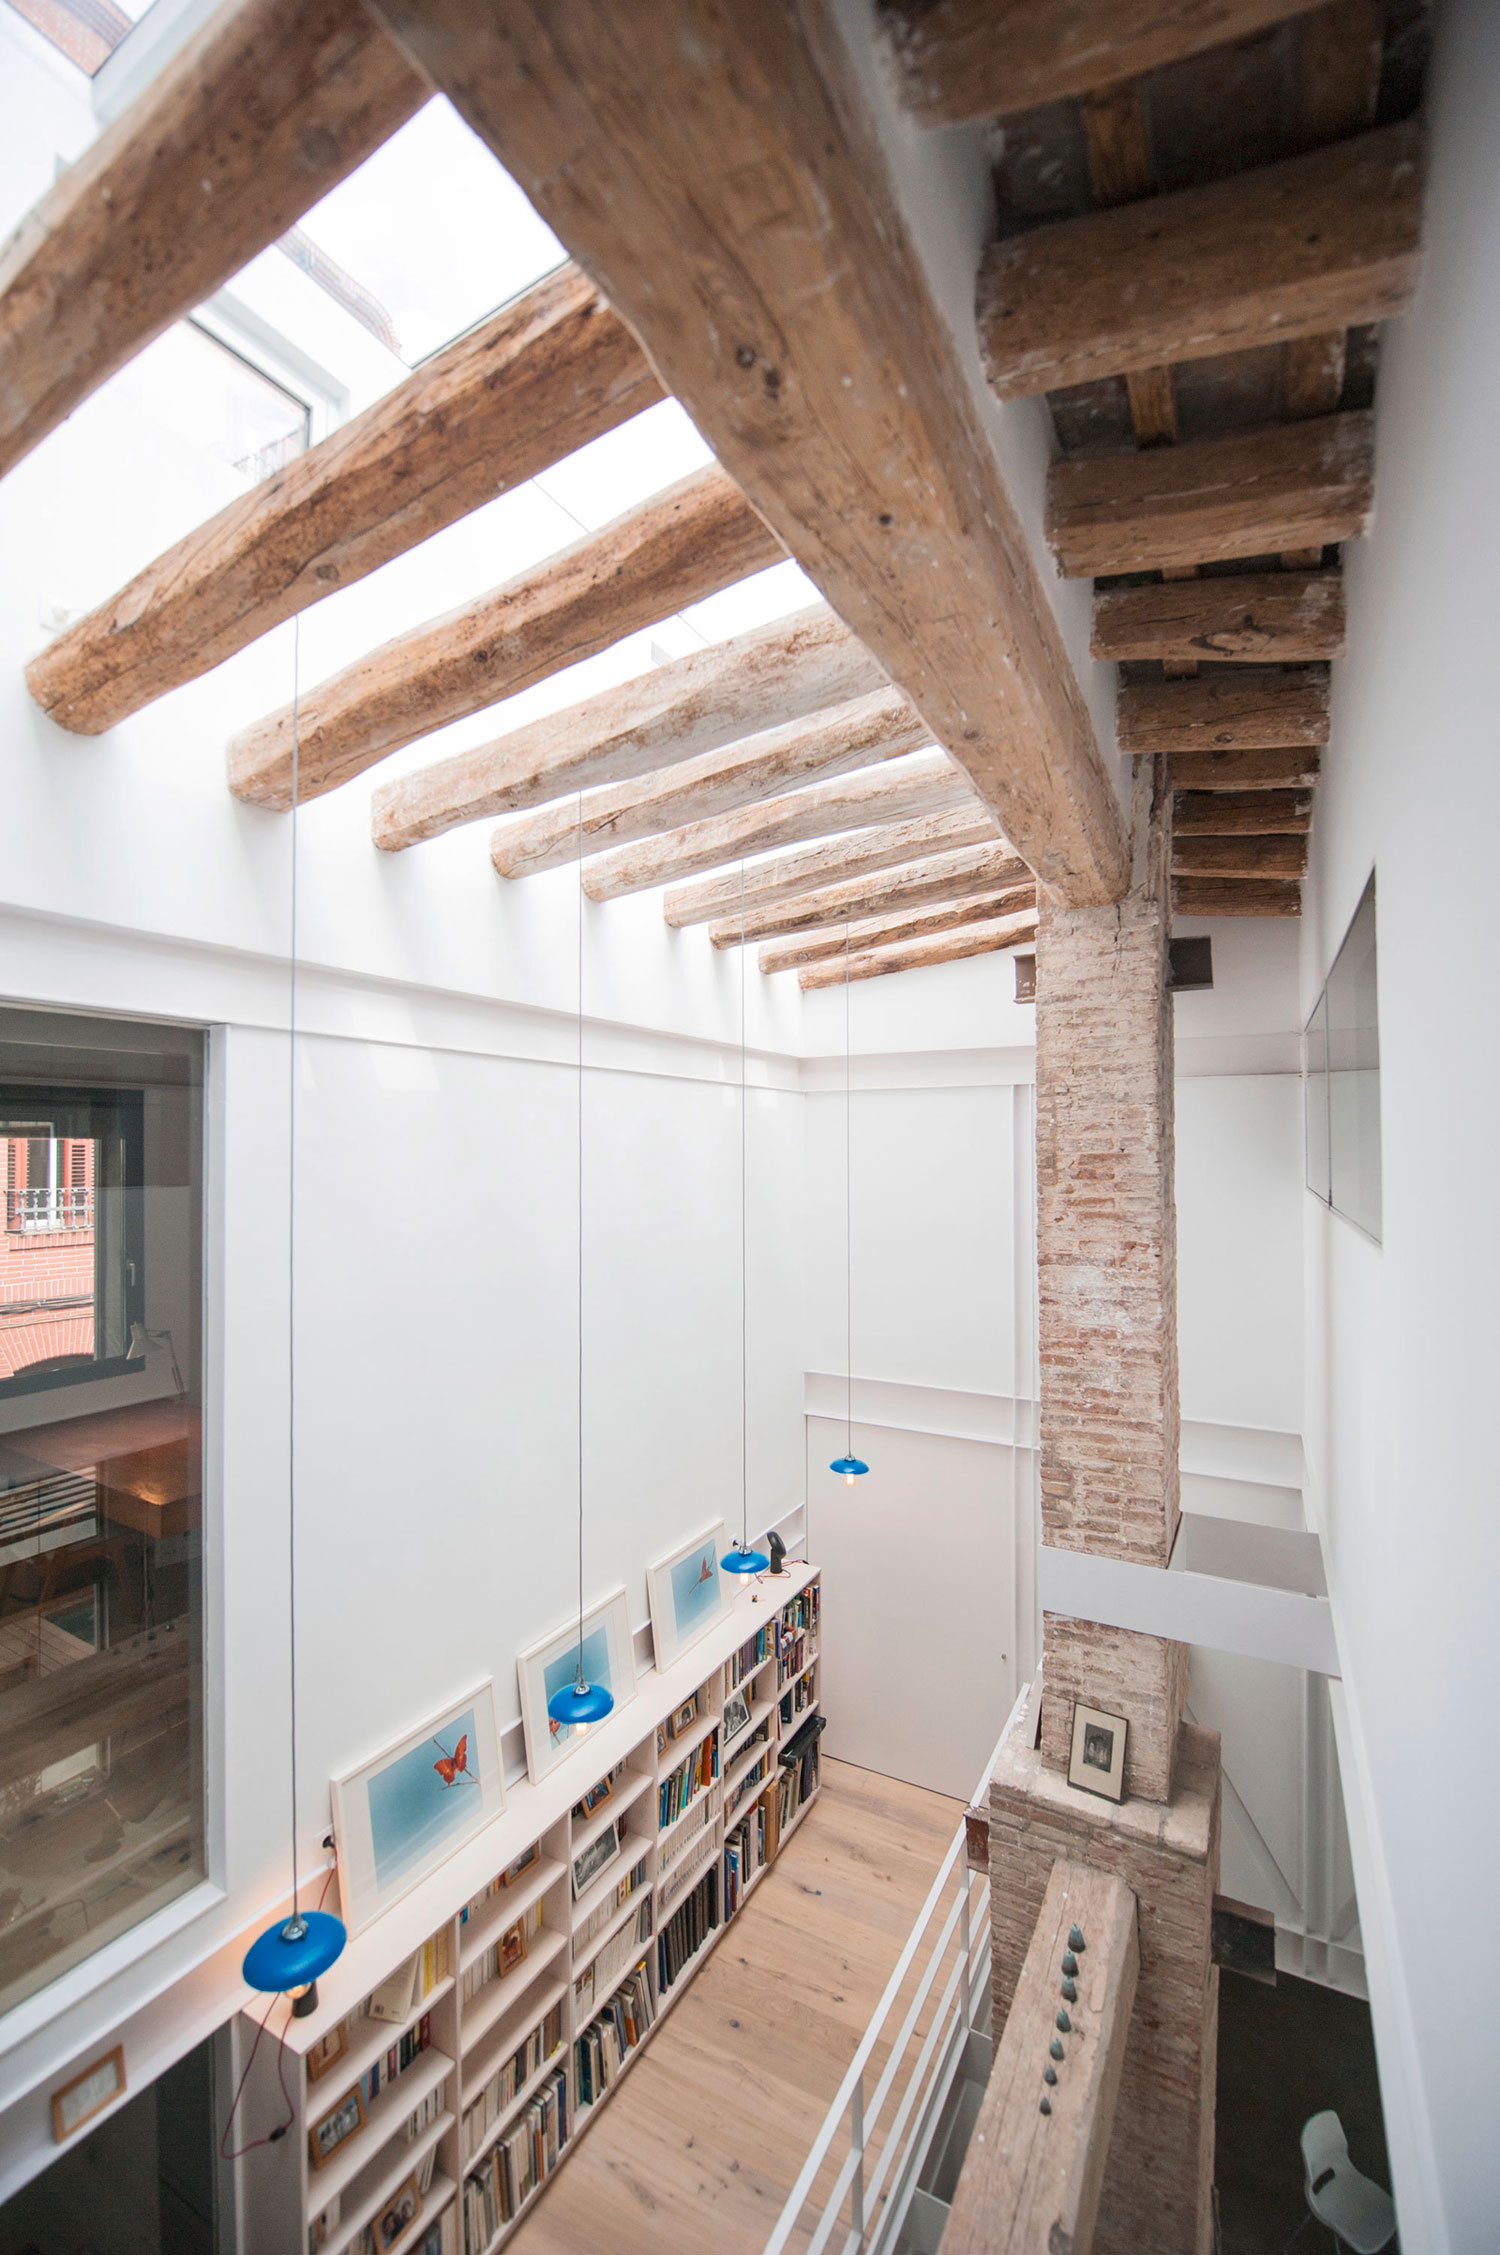 Gracia home in Barcelona by Lluís Corbella & Marc Mazeres-12